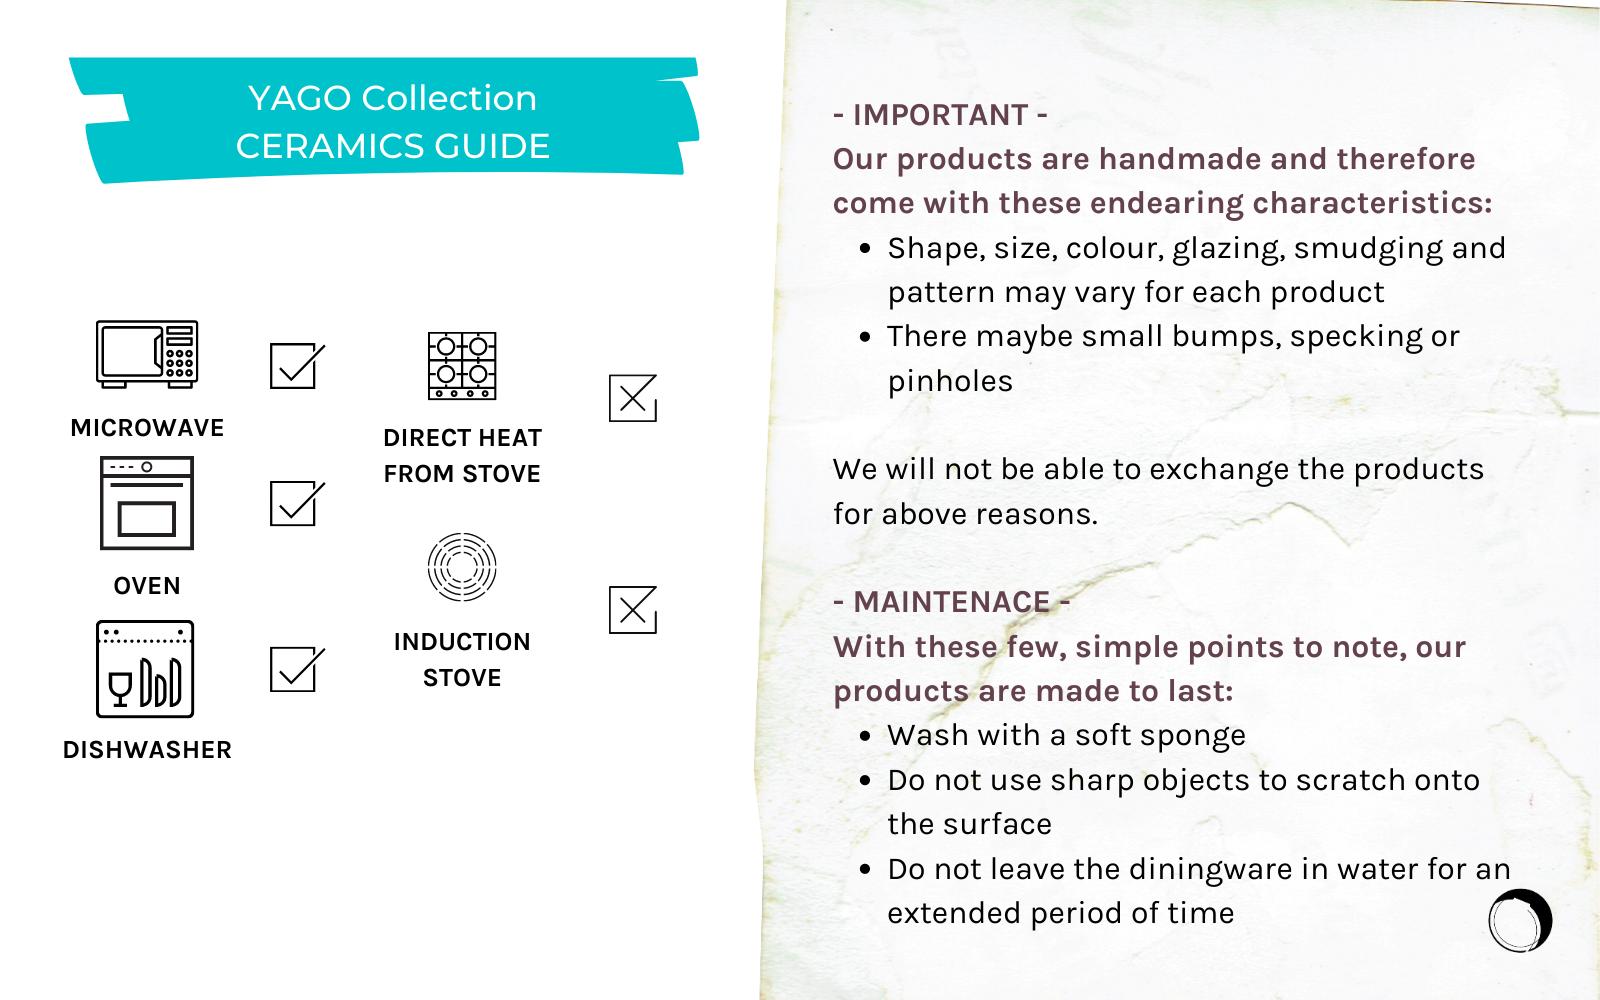 YAGO Ceramics Product Guide